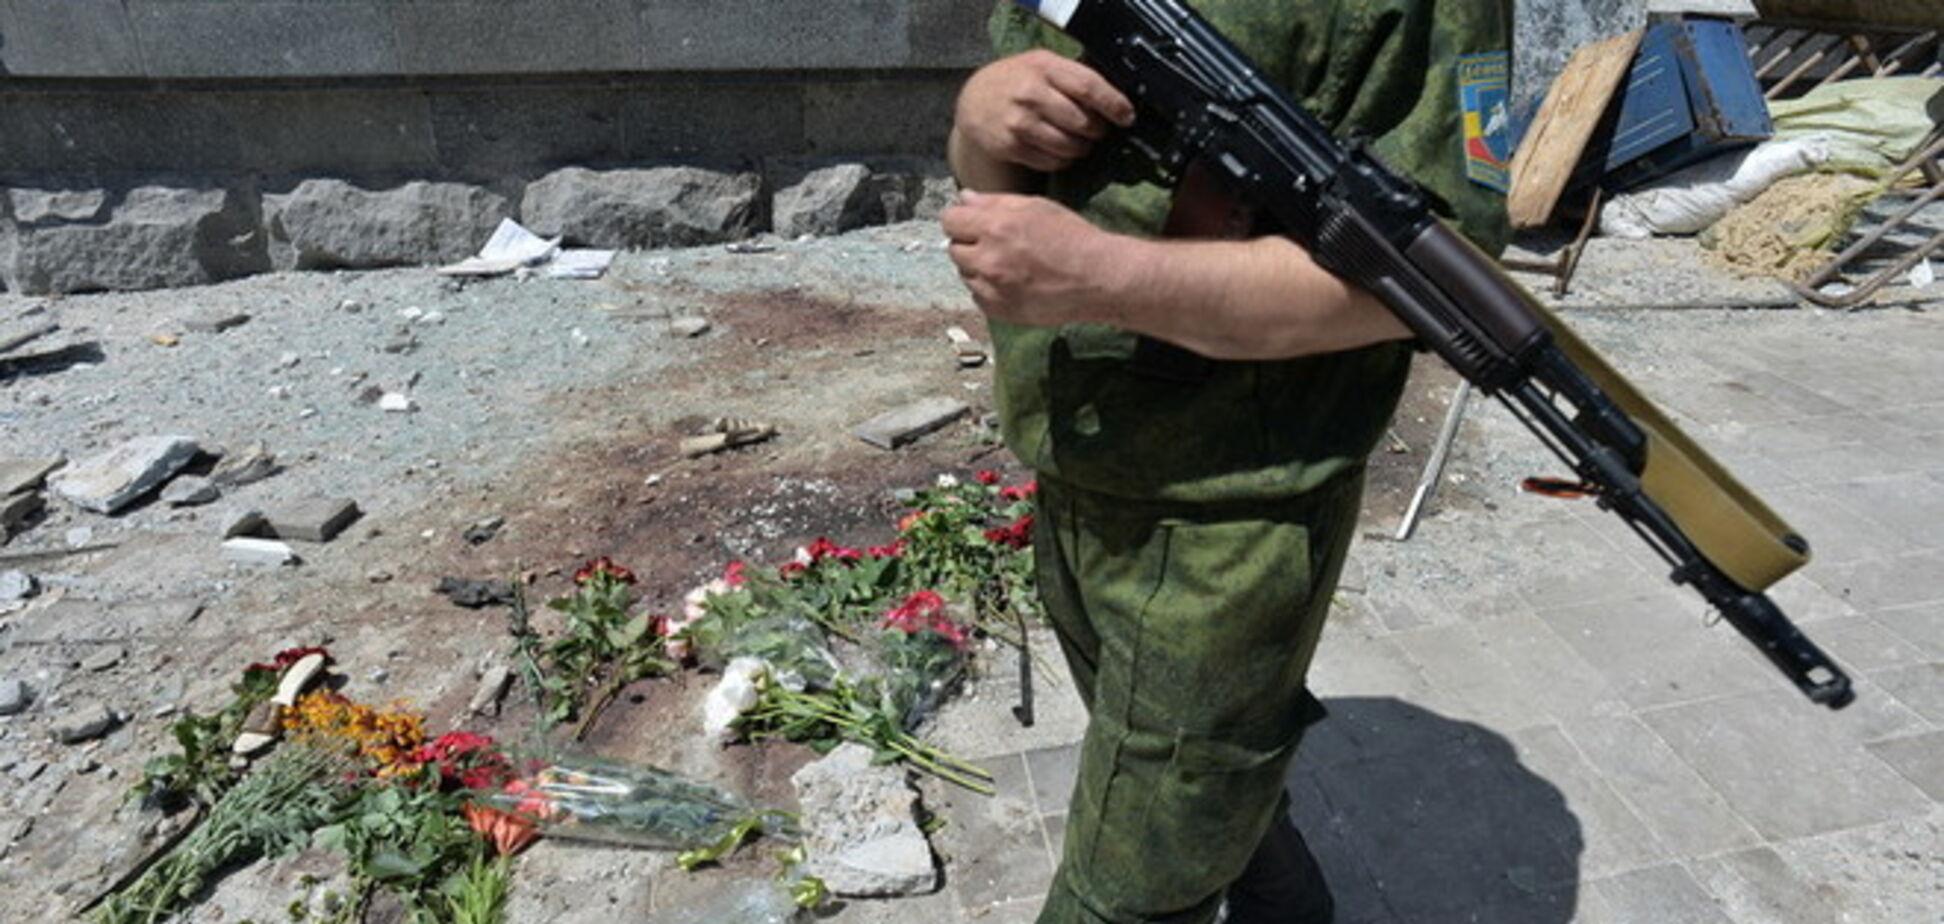 Терористи захопили будівлю в Лисичанську: на даху розміщуються снайпери